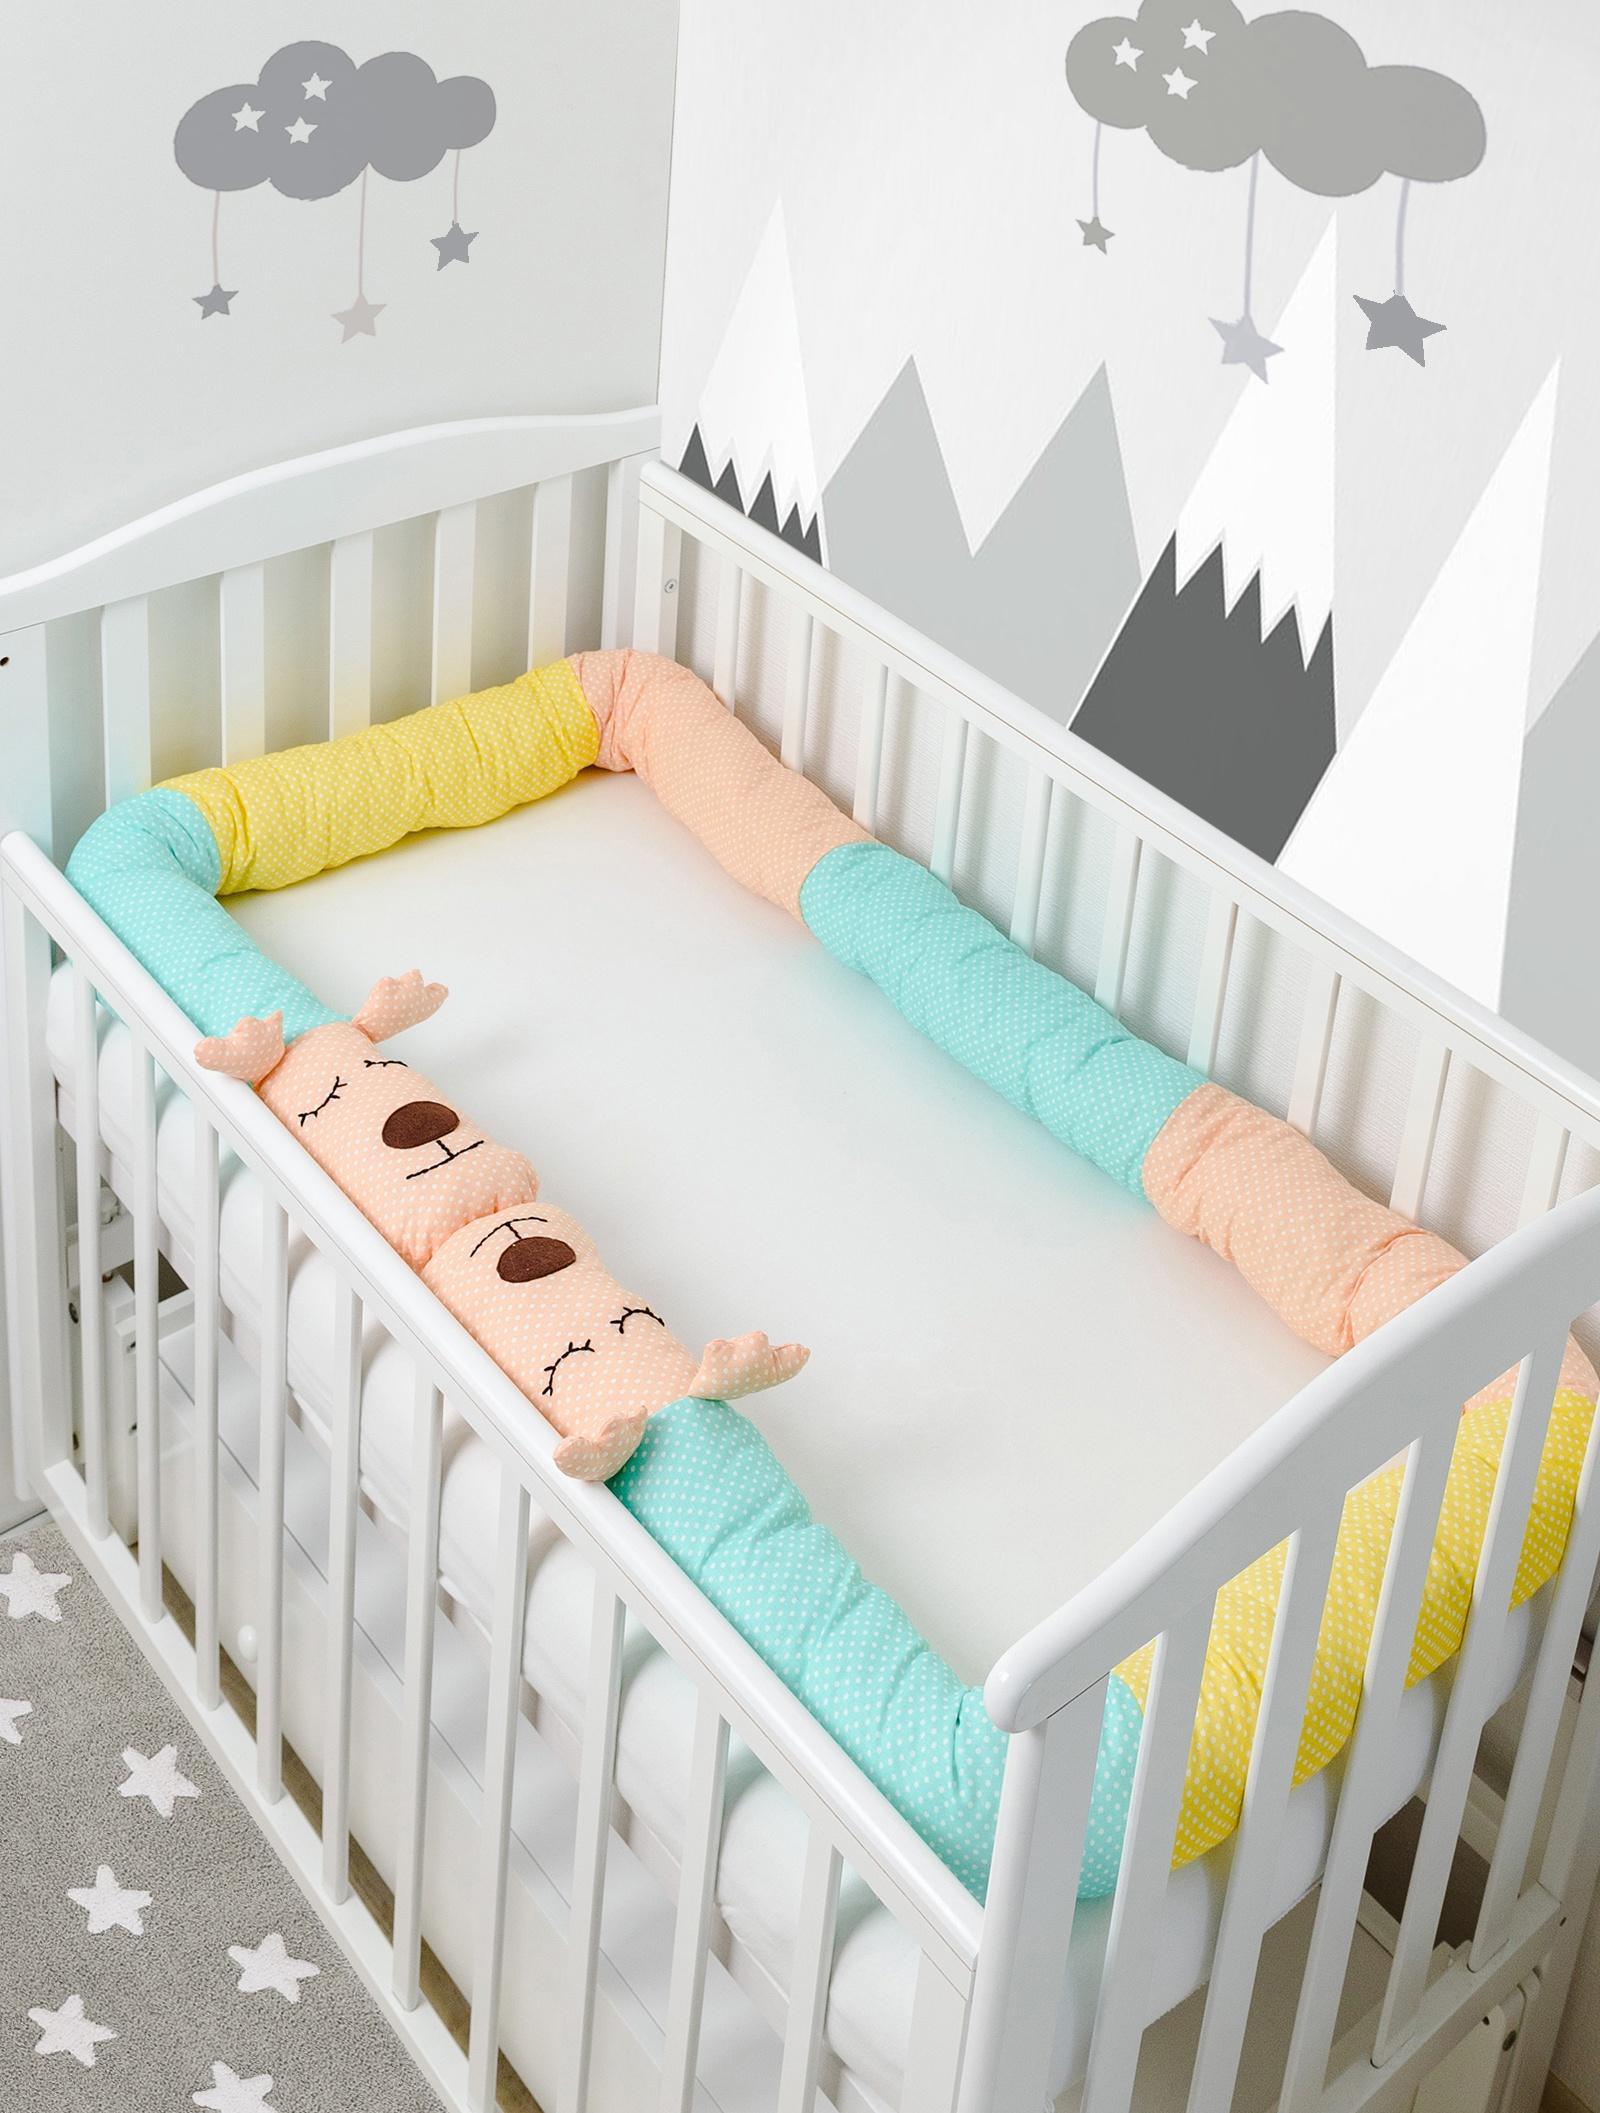 Бортик в кроватку Pillolu Оленёнок (мята, персик, желтый)